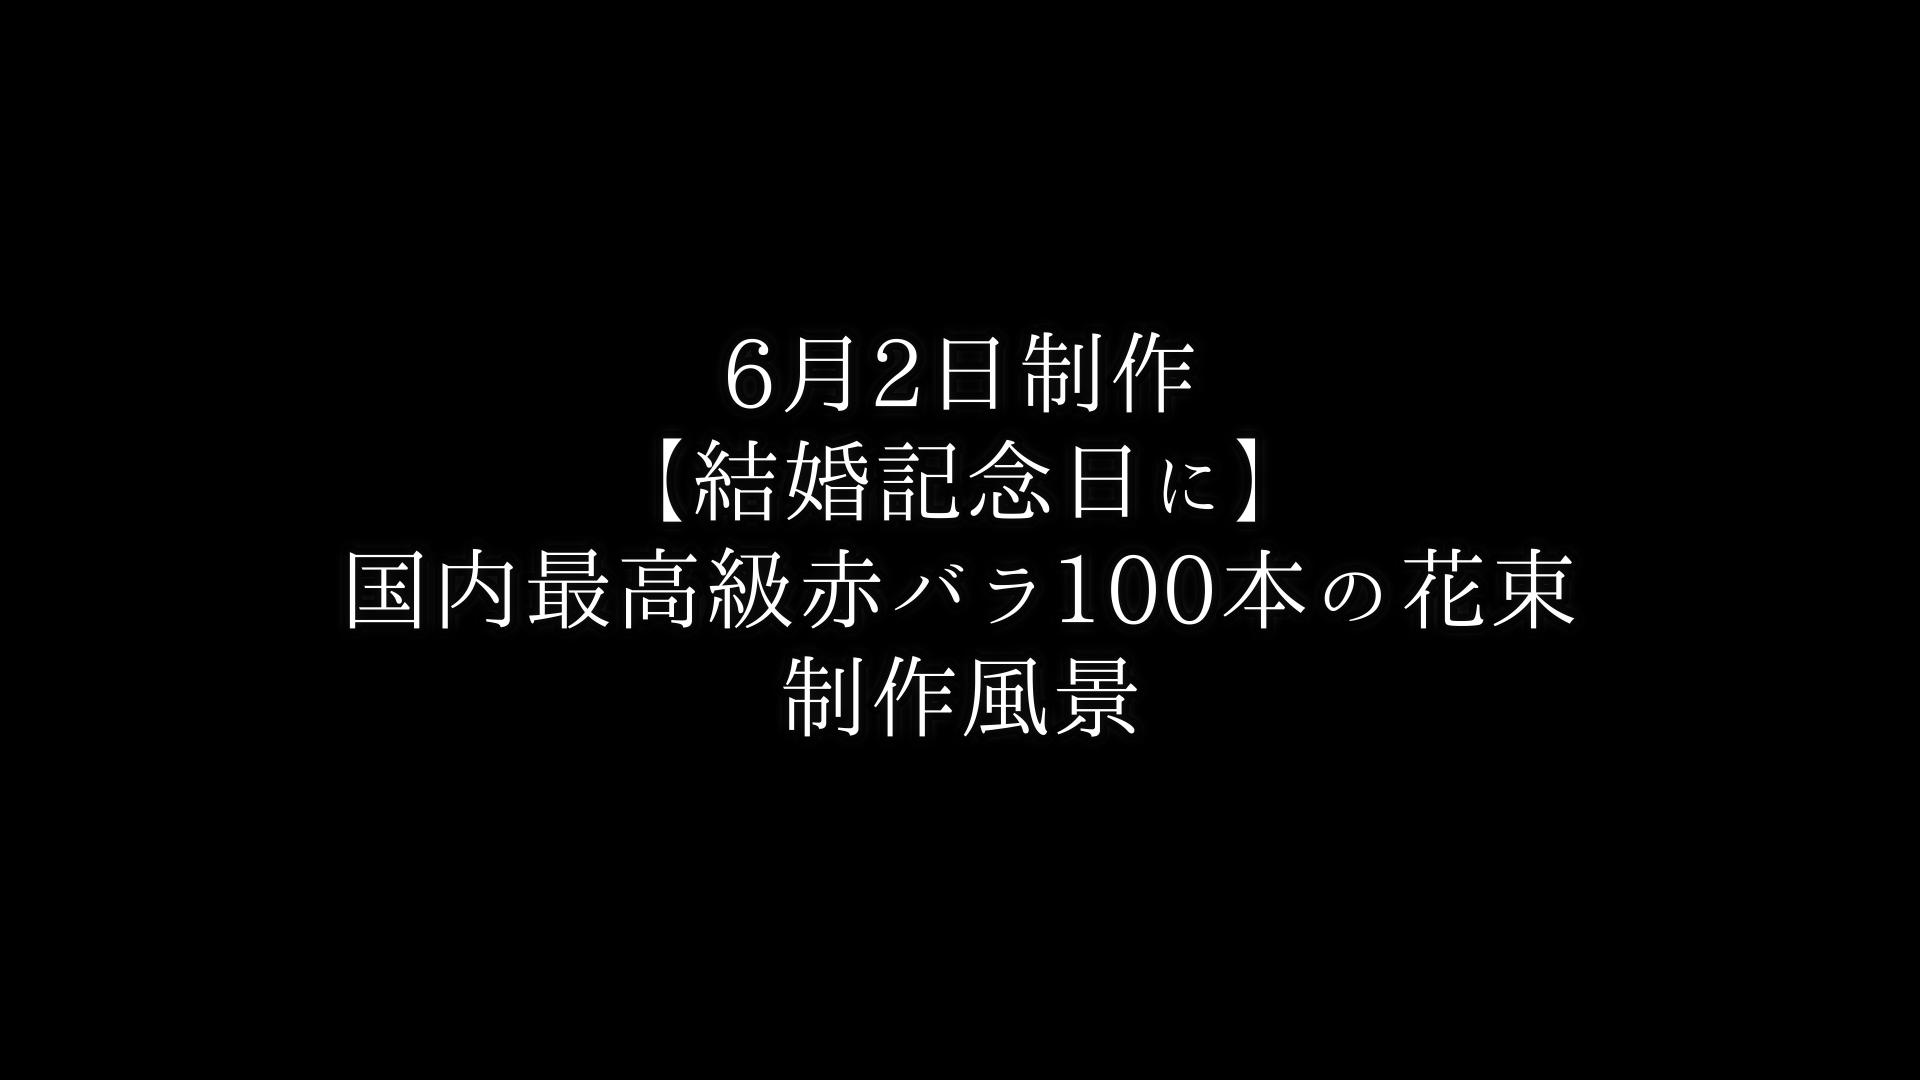 結婚記念日に奥様へ・ 赤バラ100本の花束制作動画 2021/06/02撮影